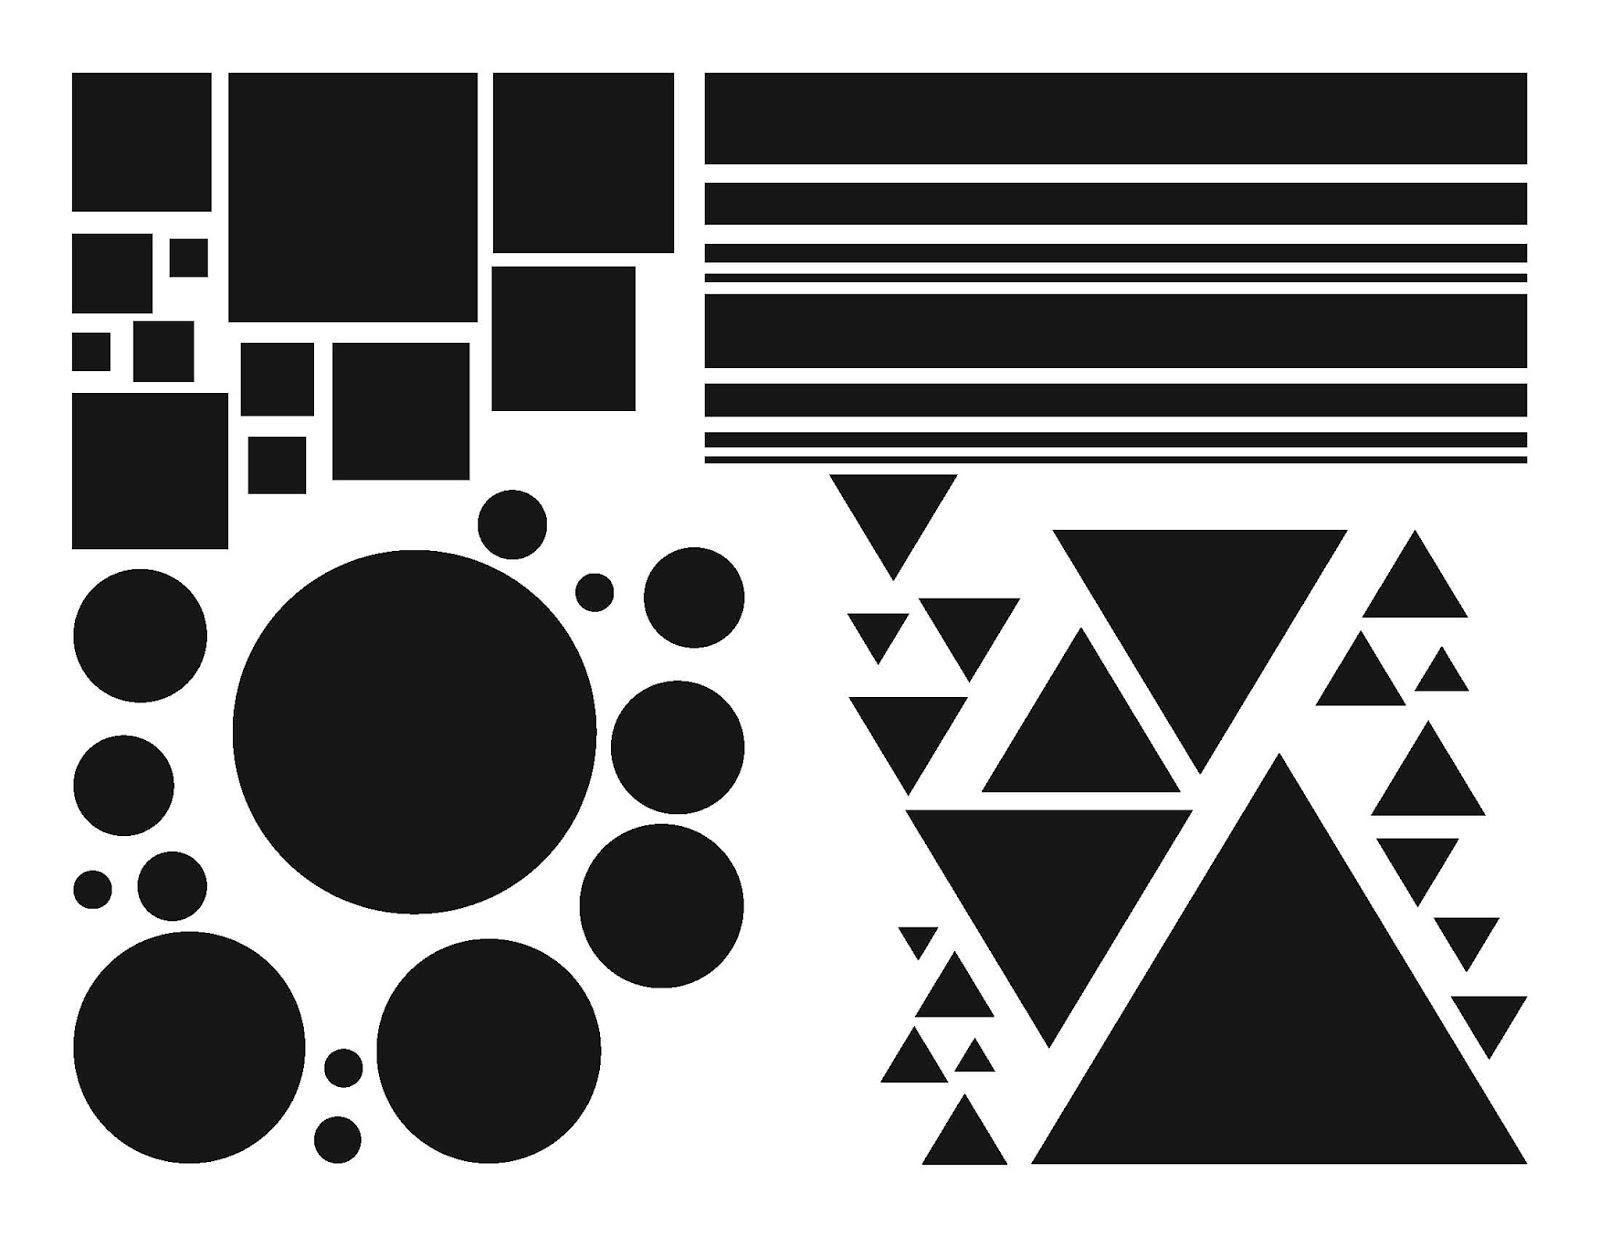 MC School Art: Graphic Design: Cut & Paste Basic Compositions